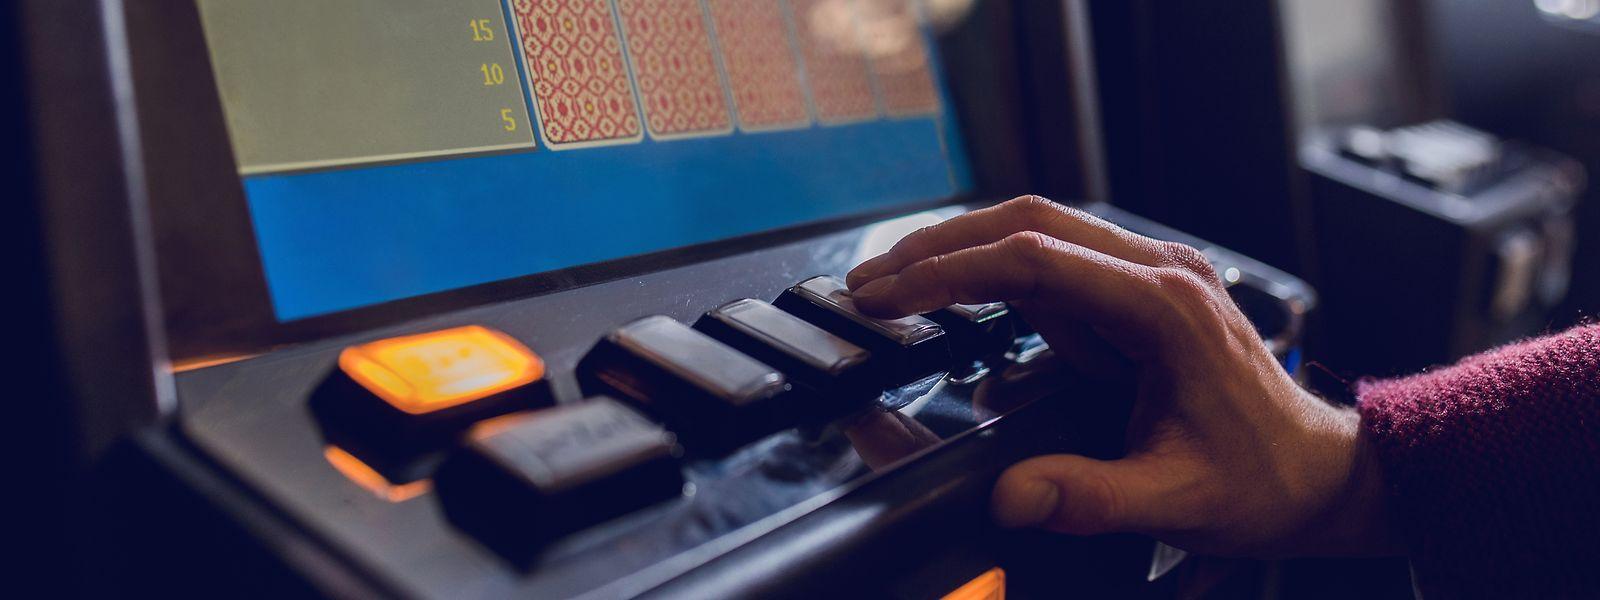 Einer australischen Studie zufolge verursacht problematisches Glücksspiel unter allen Krankheiten den dritthöchsten Verlust an gesunder Lebenszeit für die Gesamtbevölkerung